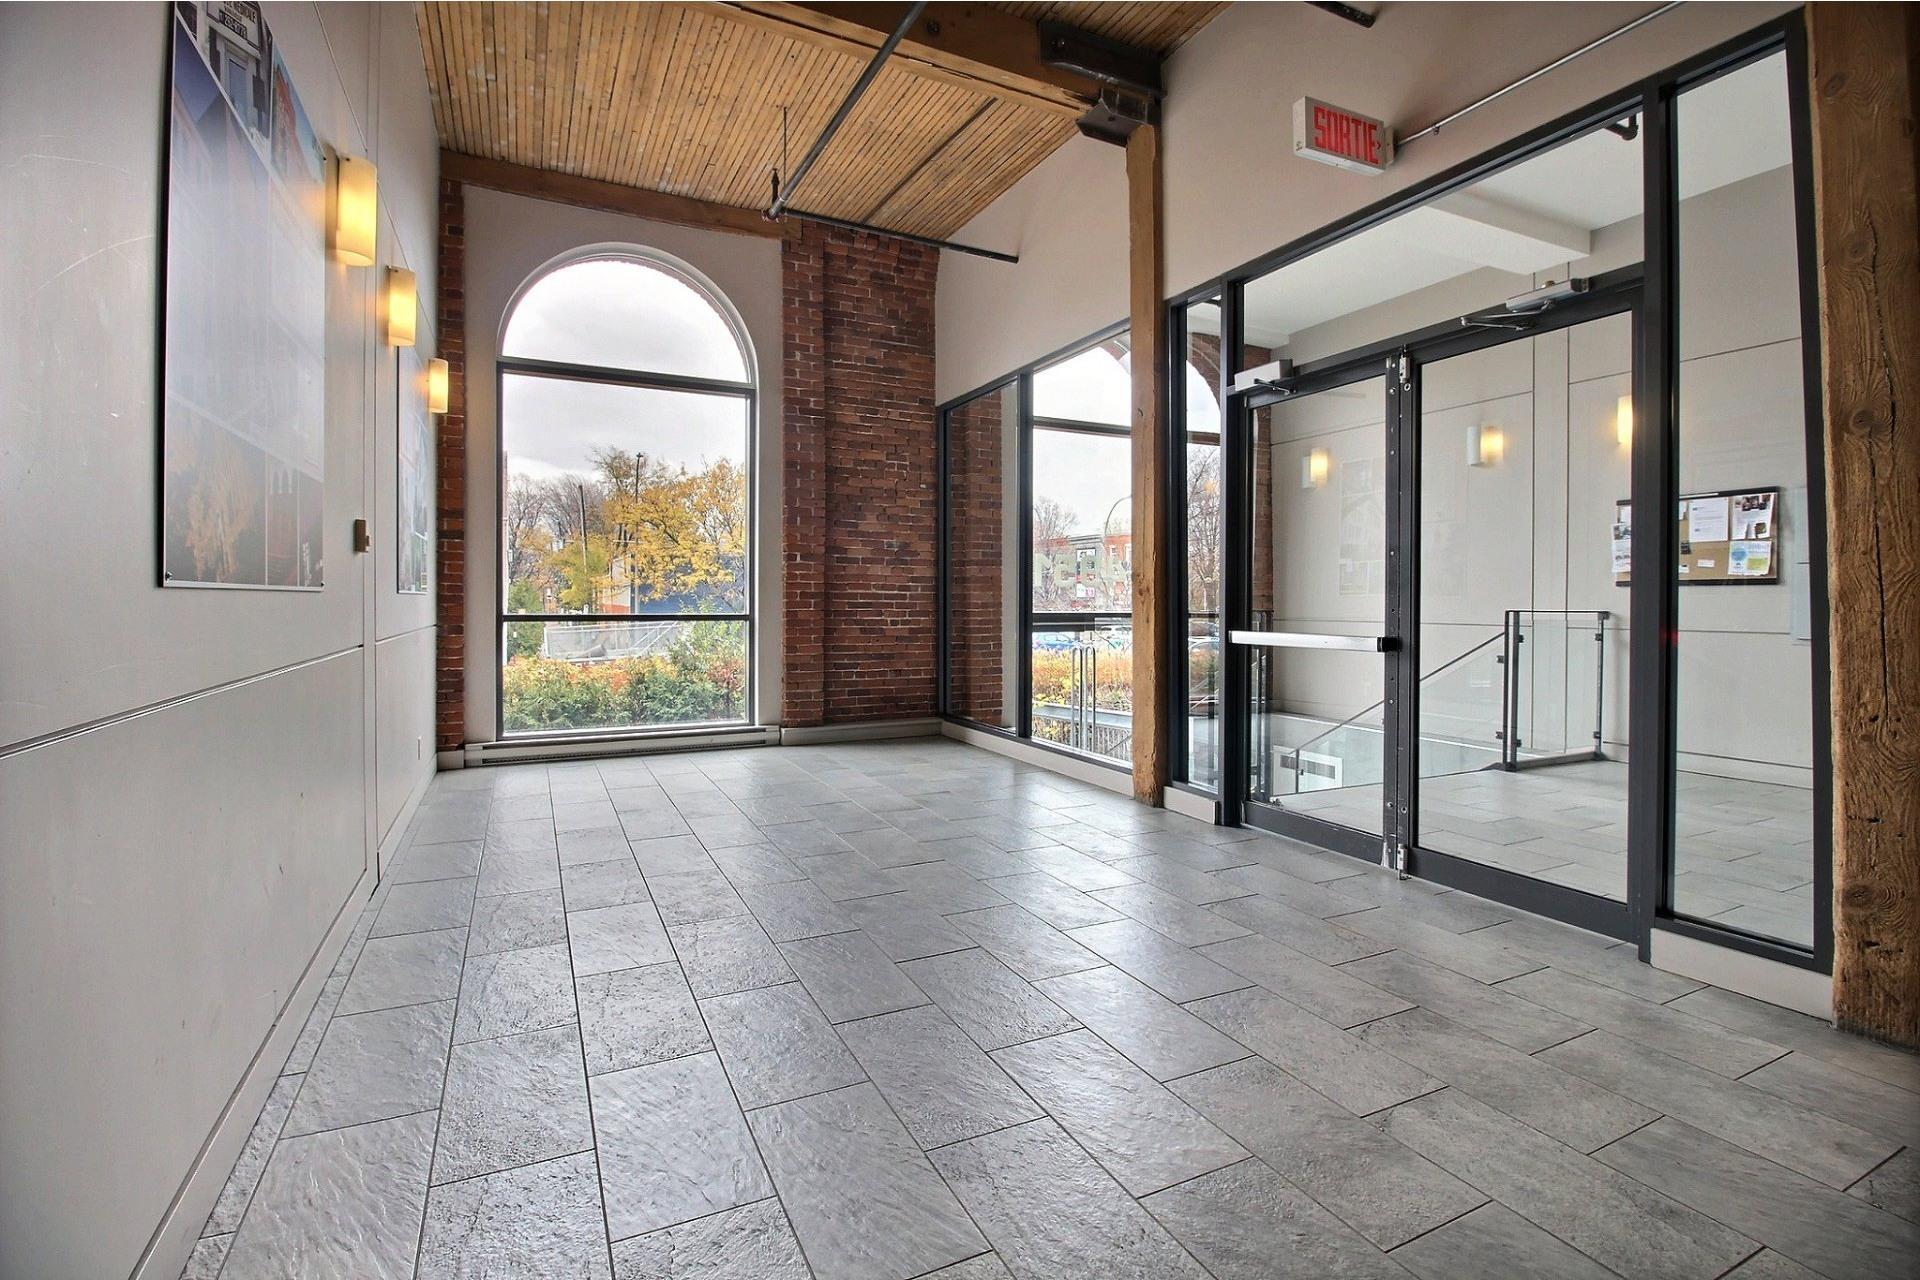 image 6 - Apartment For rent Mercier/Hochelaga-Maisonneuve Montréal  - 6 rooms